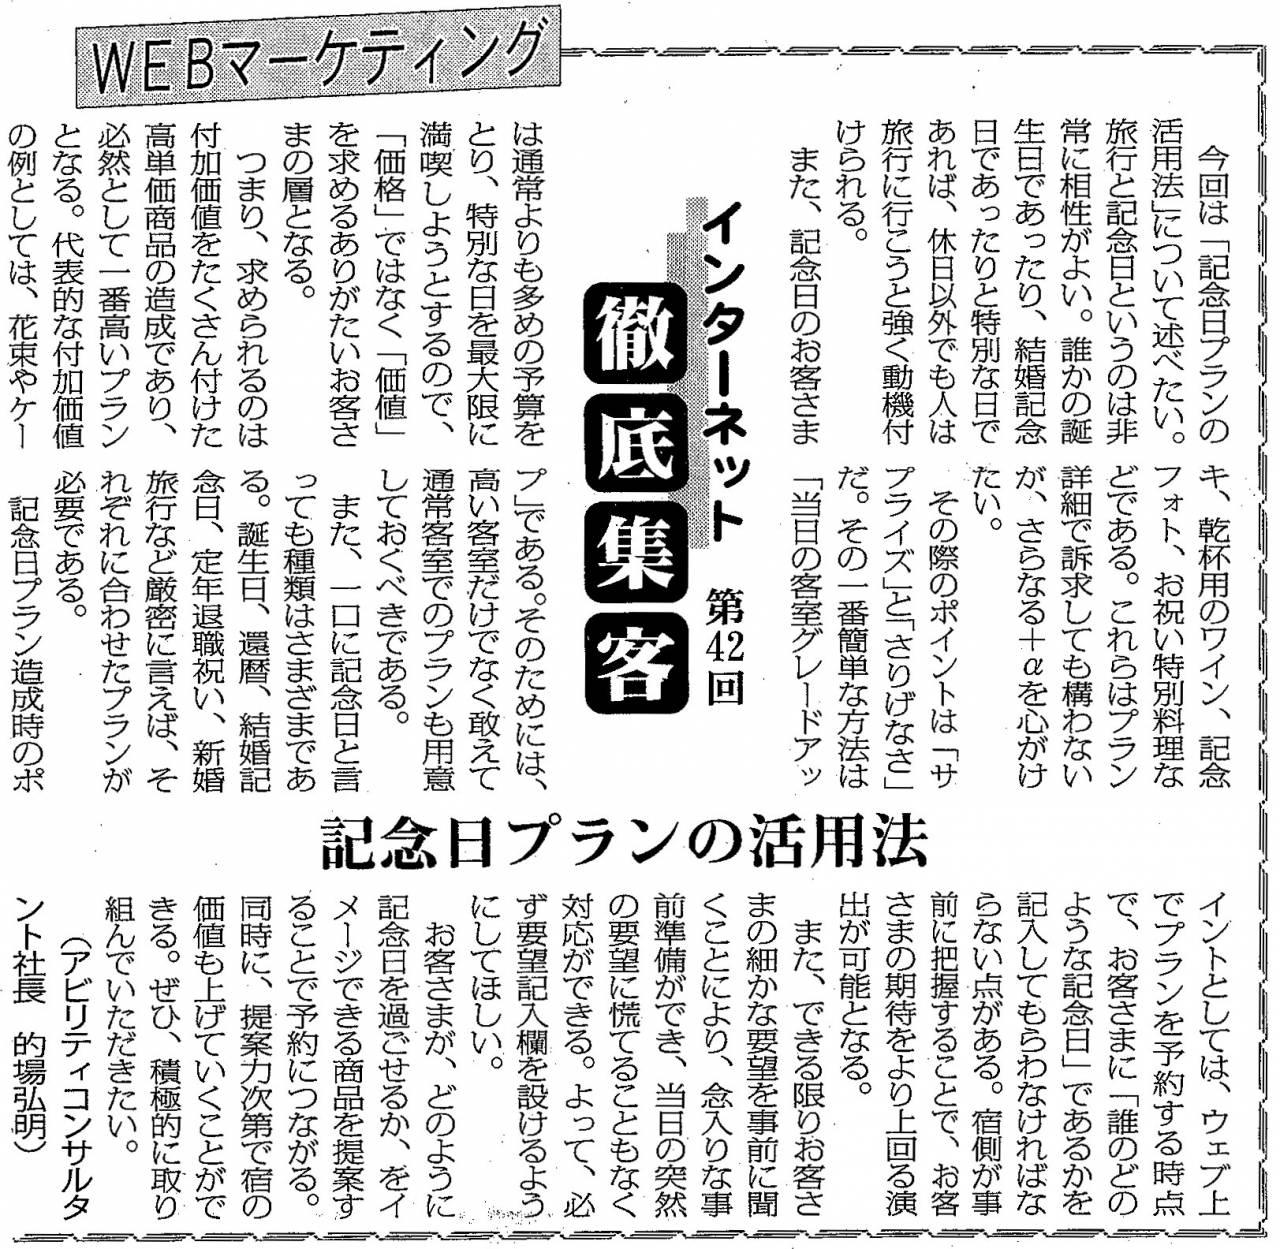 【第42回】WEBマーケティング 記念日プランの活用法